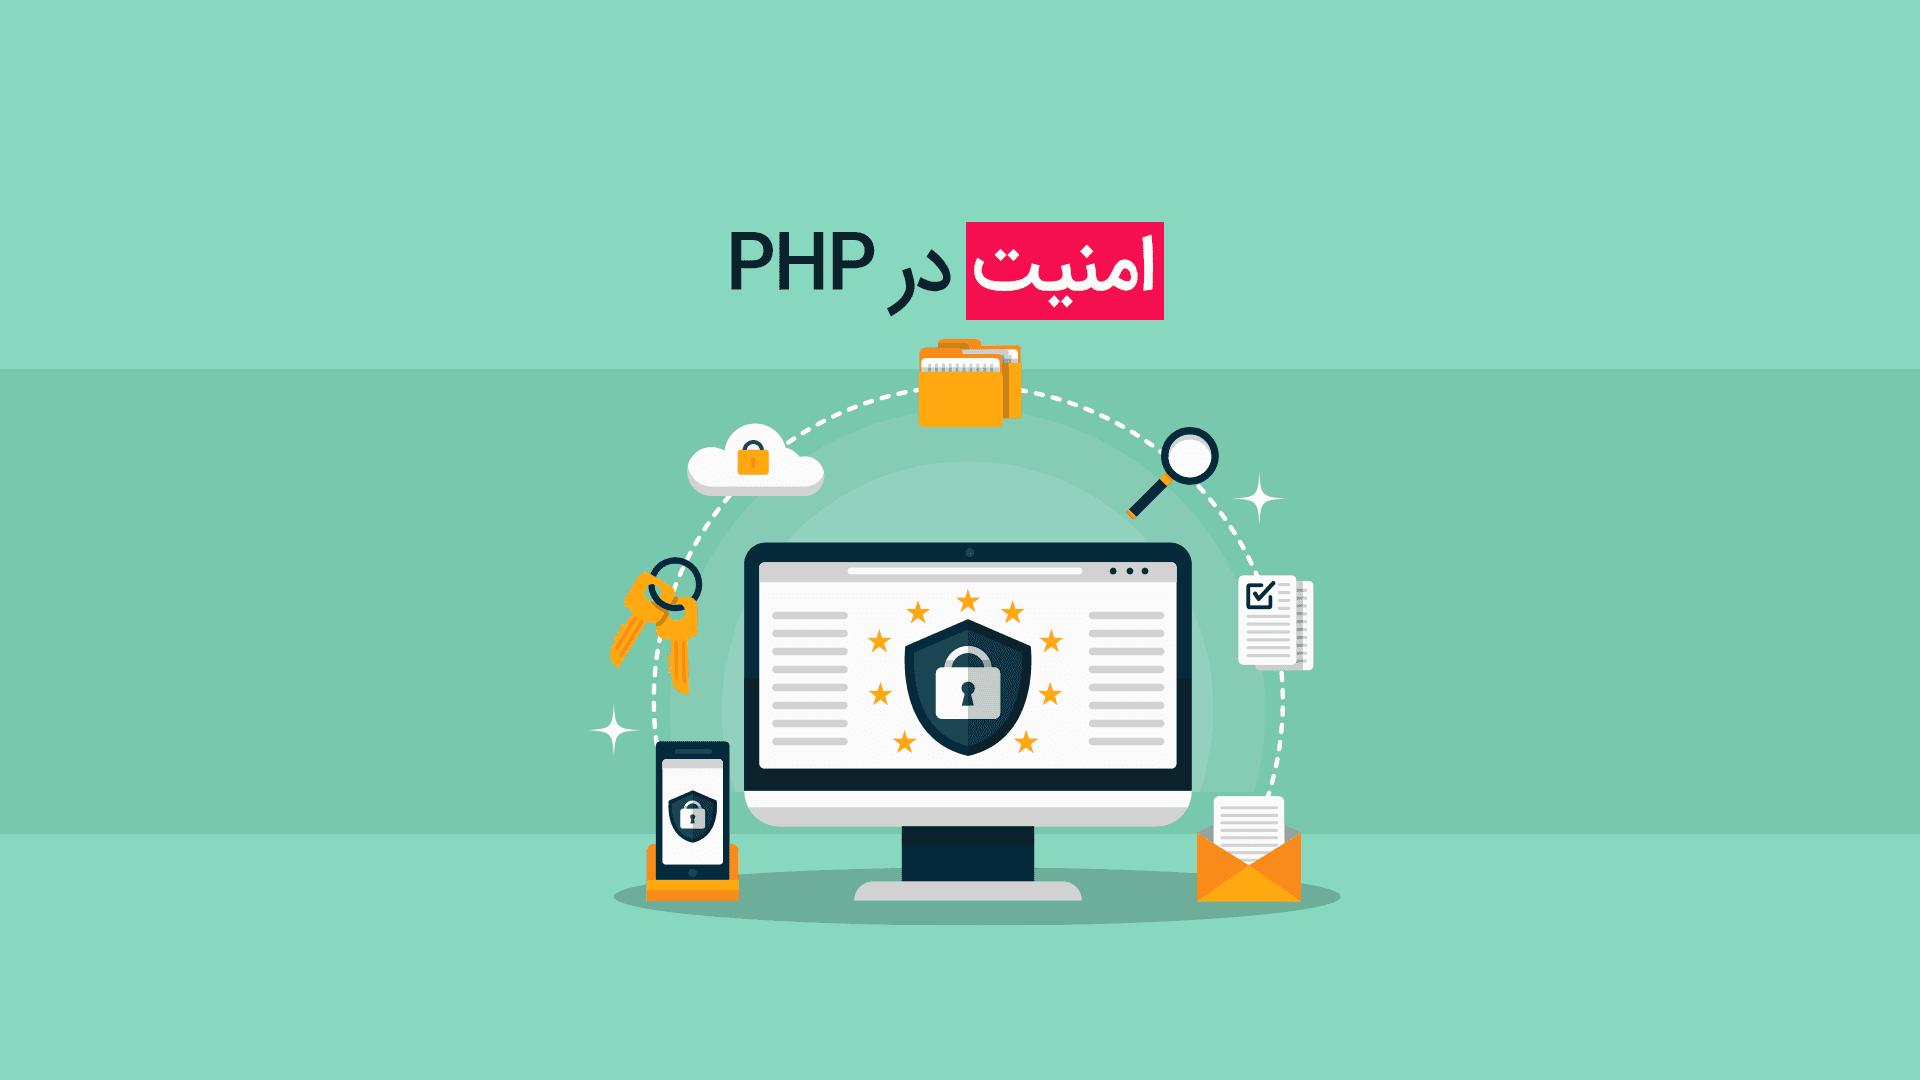 امنیت در php